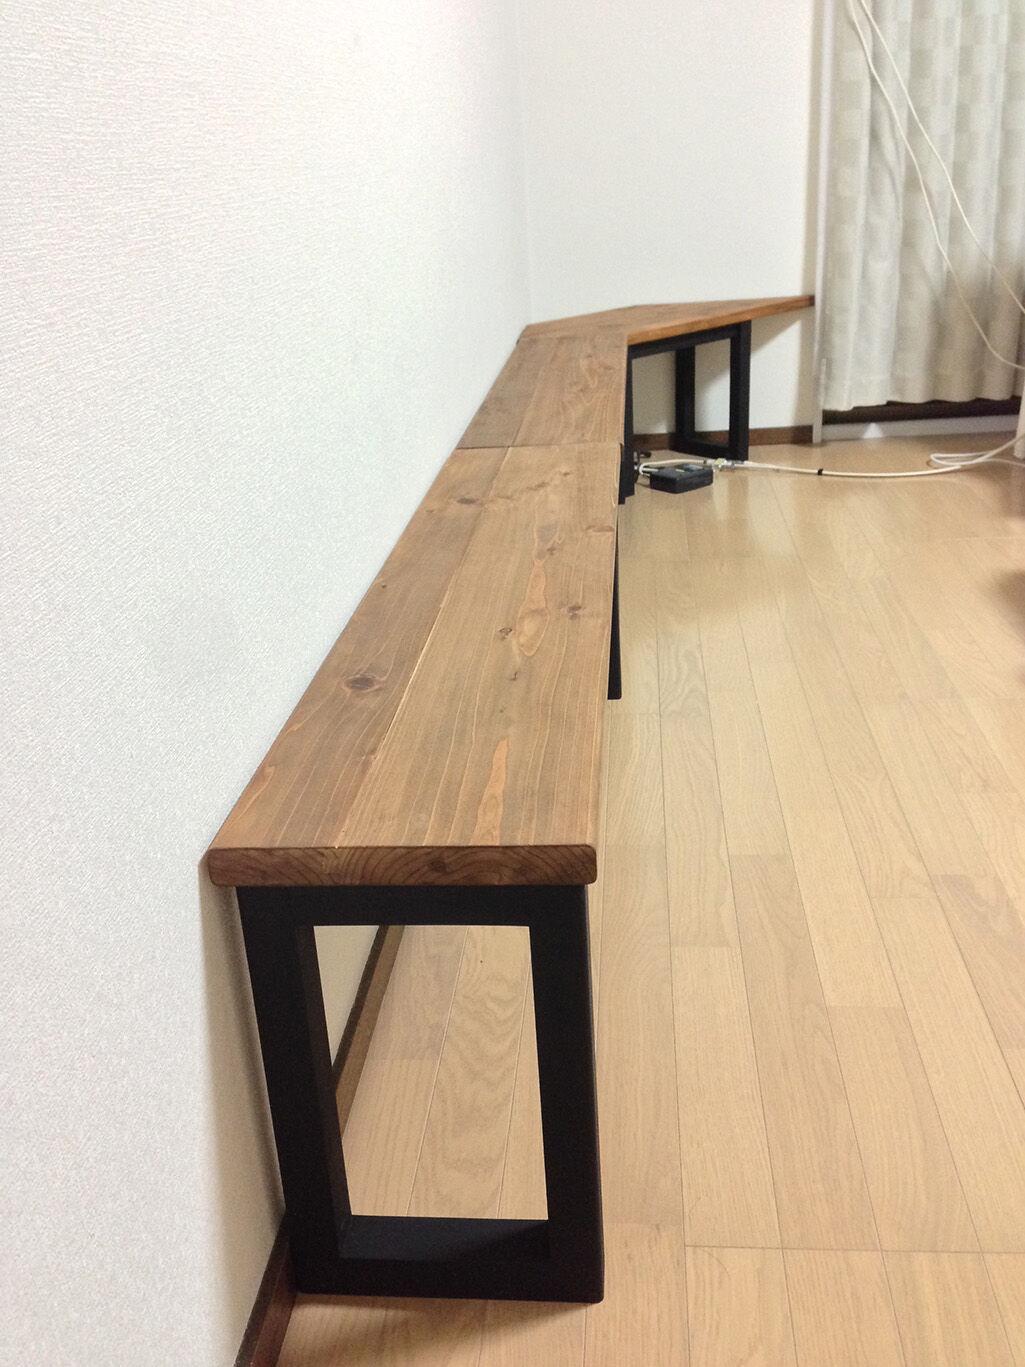 3ユニットのテーブルをお客様のお部屋に納品させていただいた写真